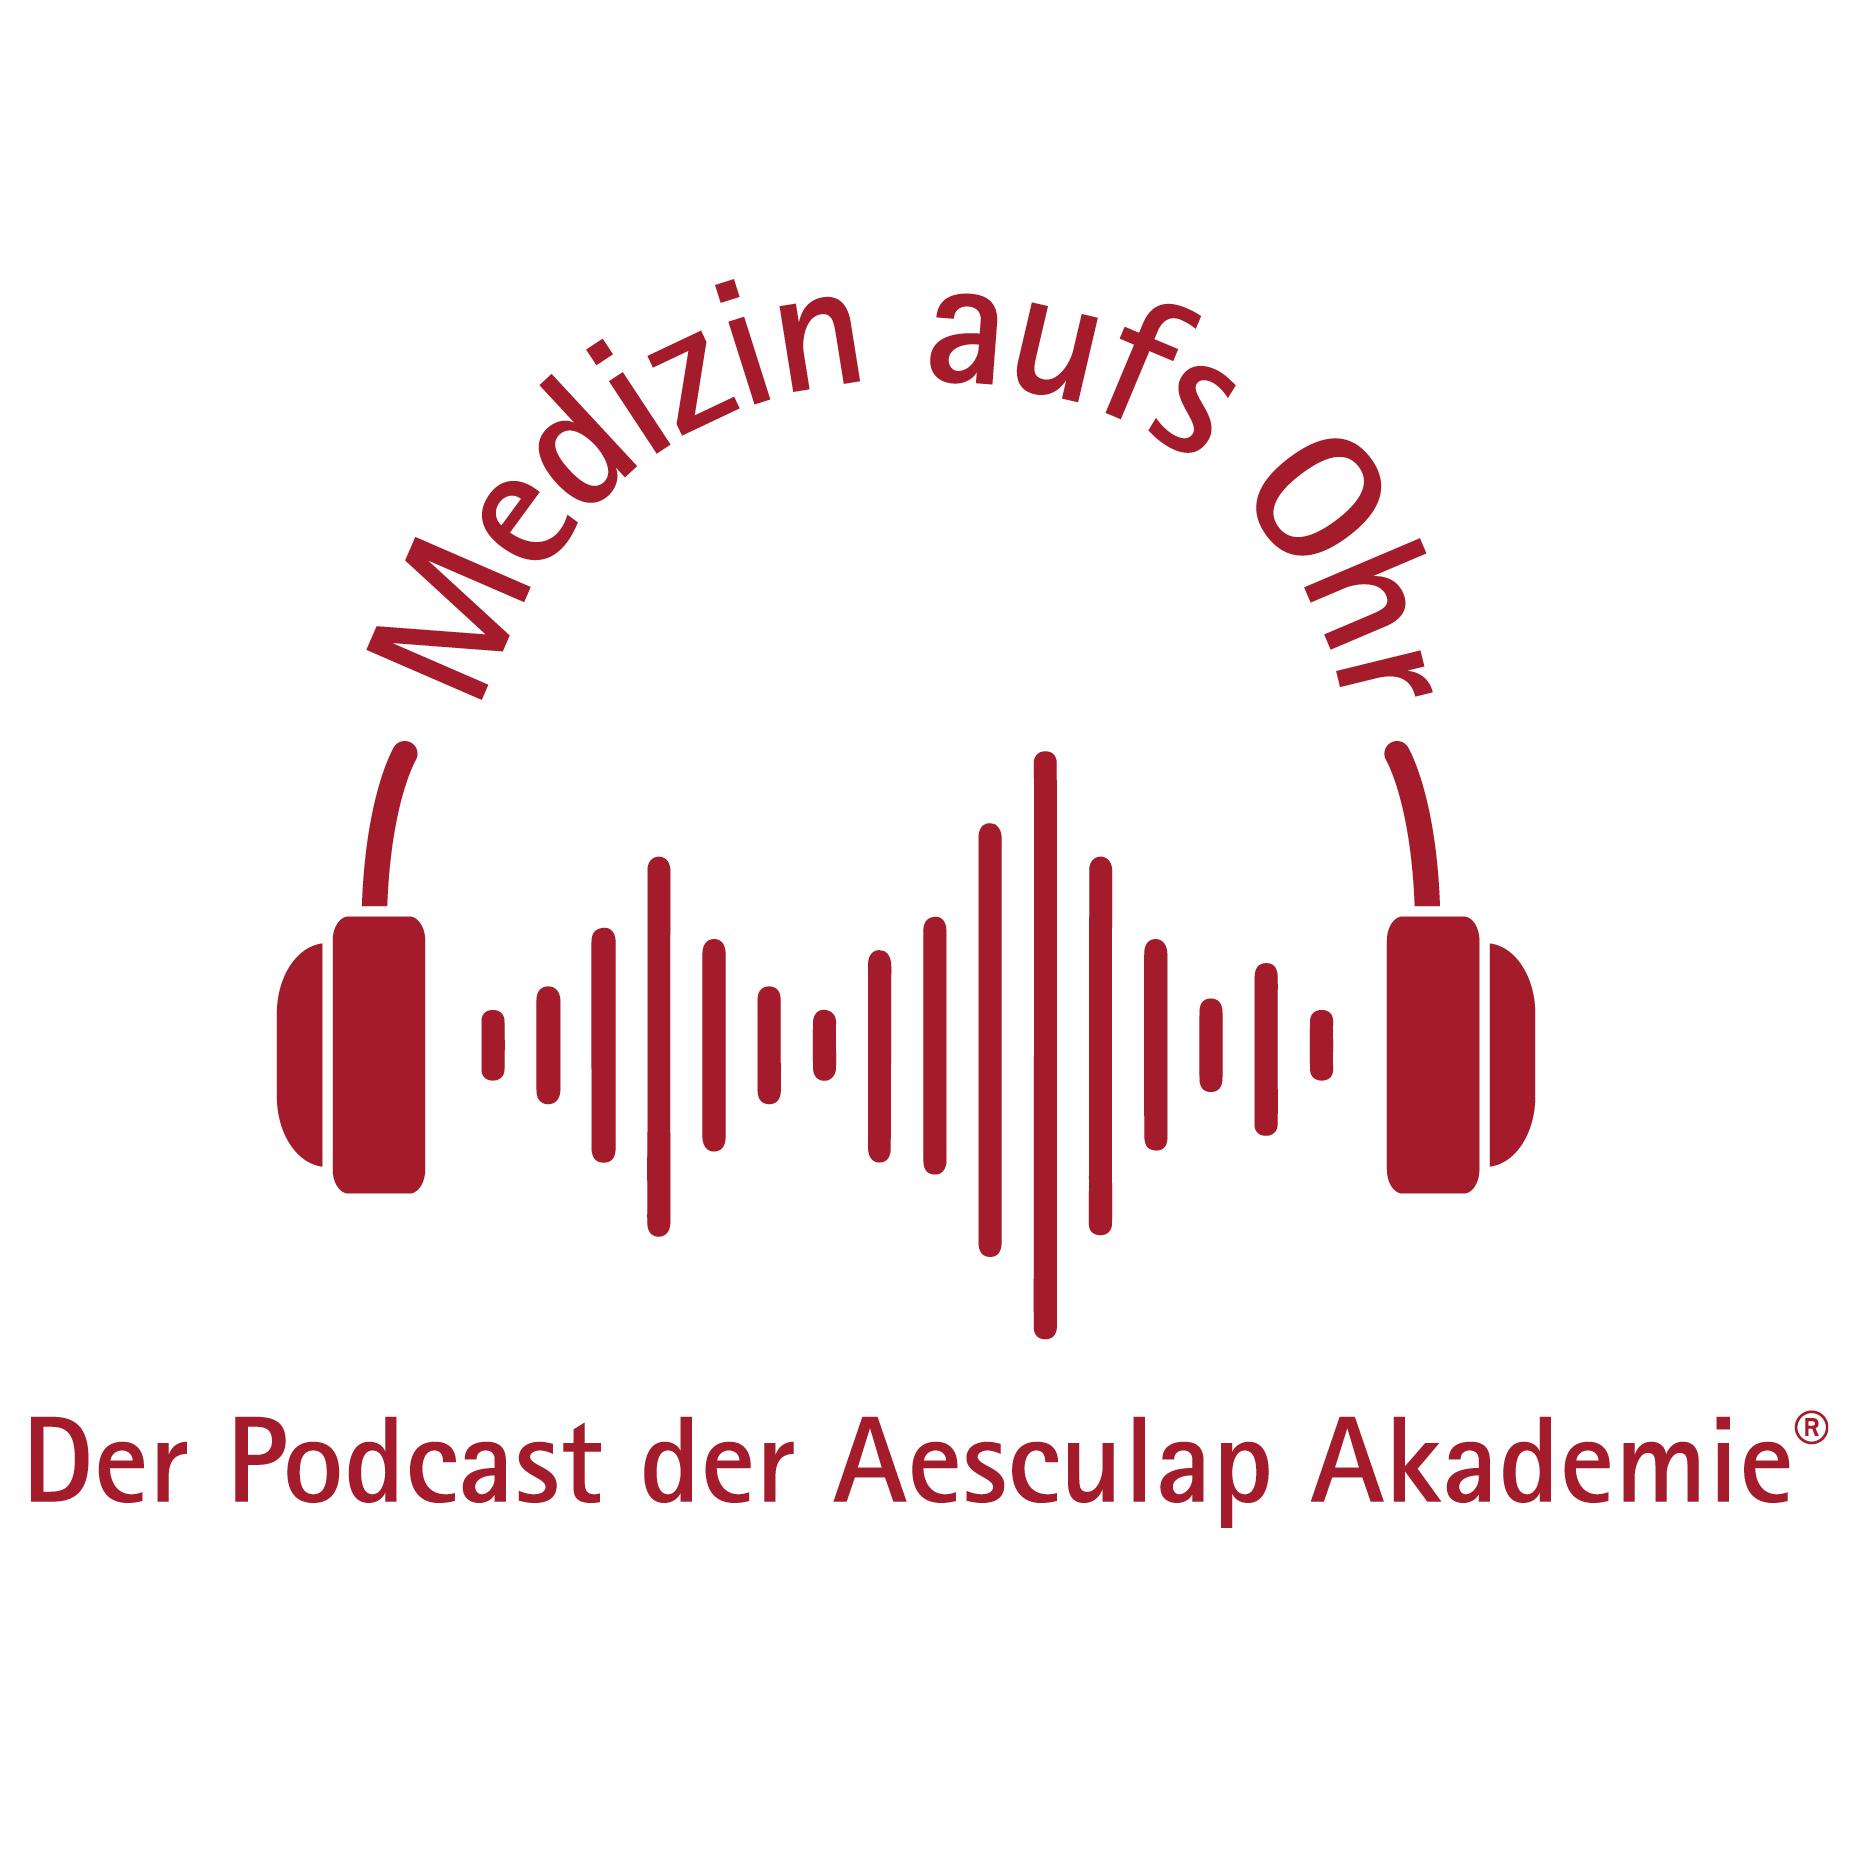 Medizin aufs Ohr – der Podcast der Aesculap Akademie